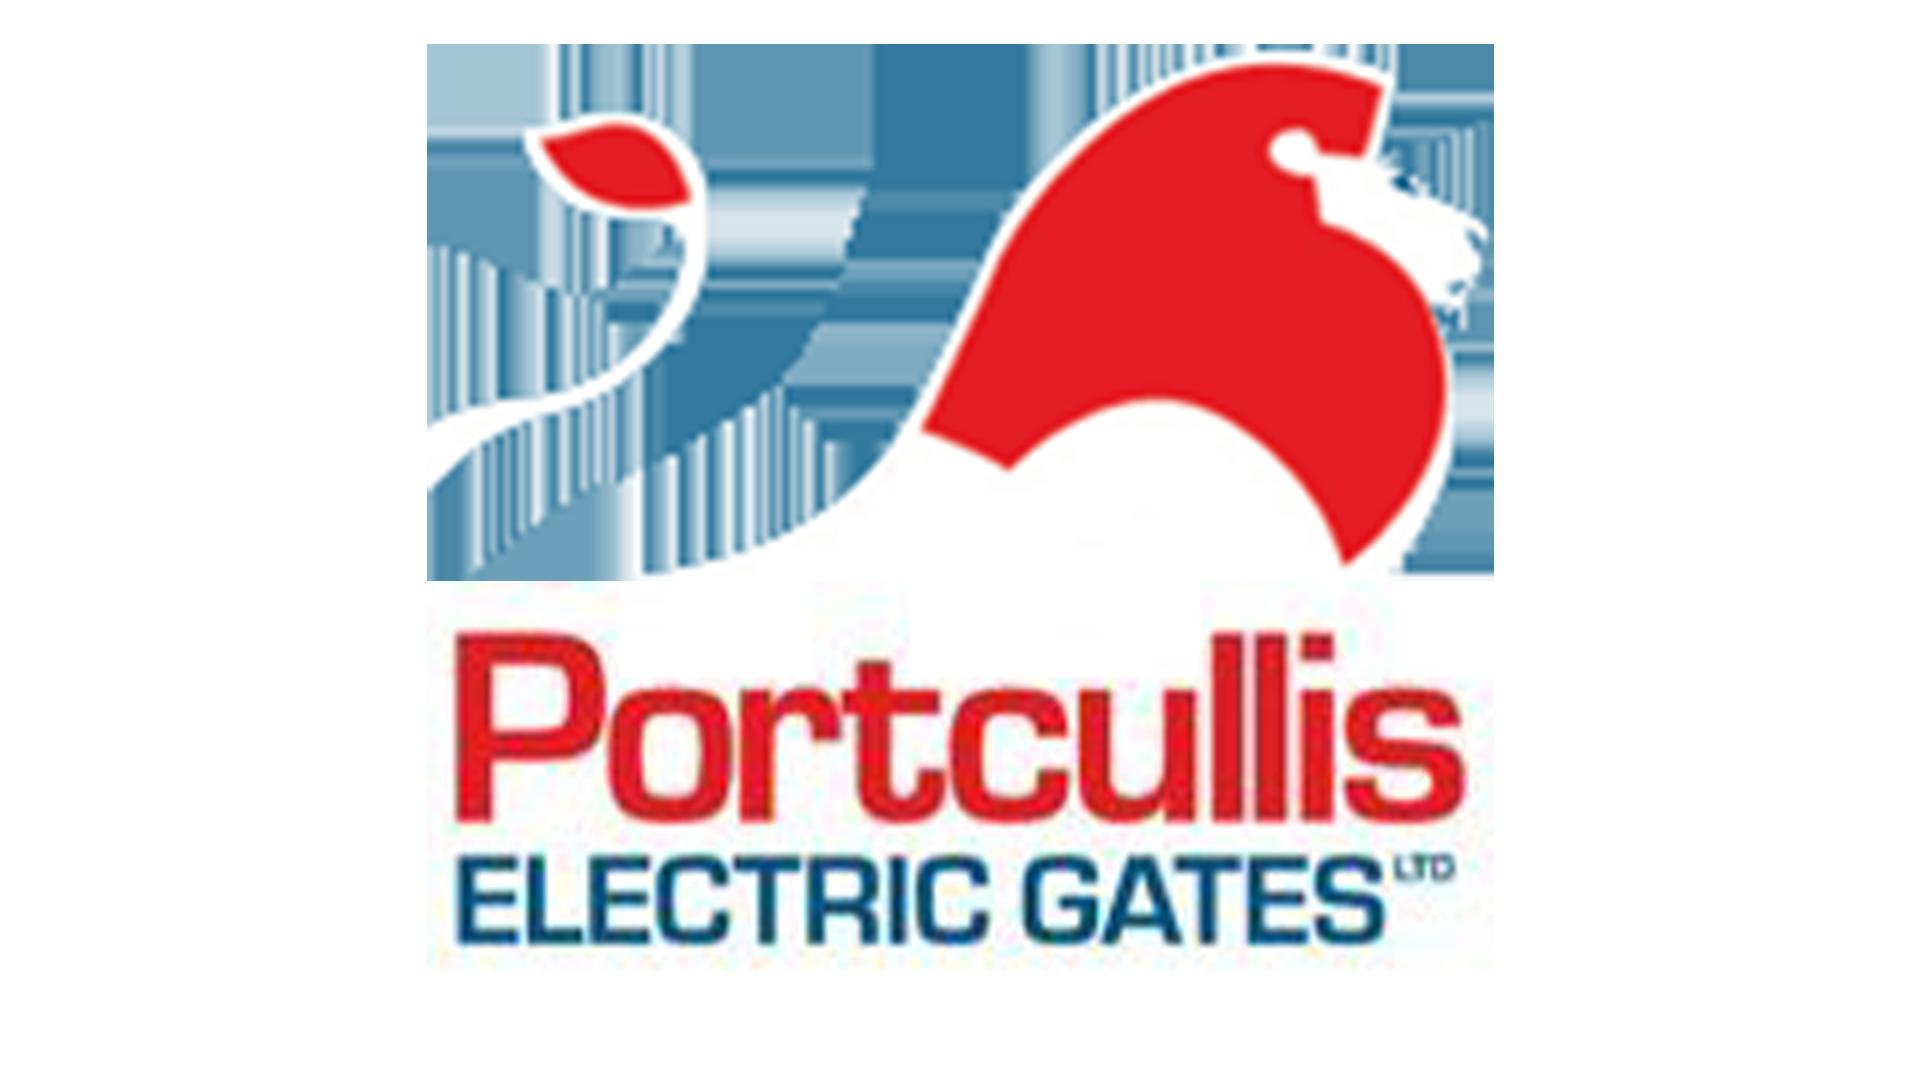 Portcullis Electric Gates, bespoke gate design in Farnham